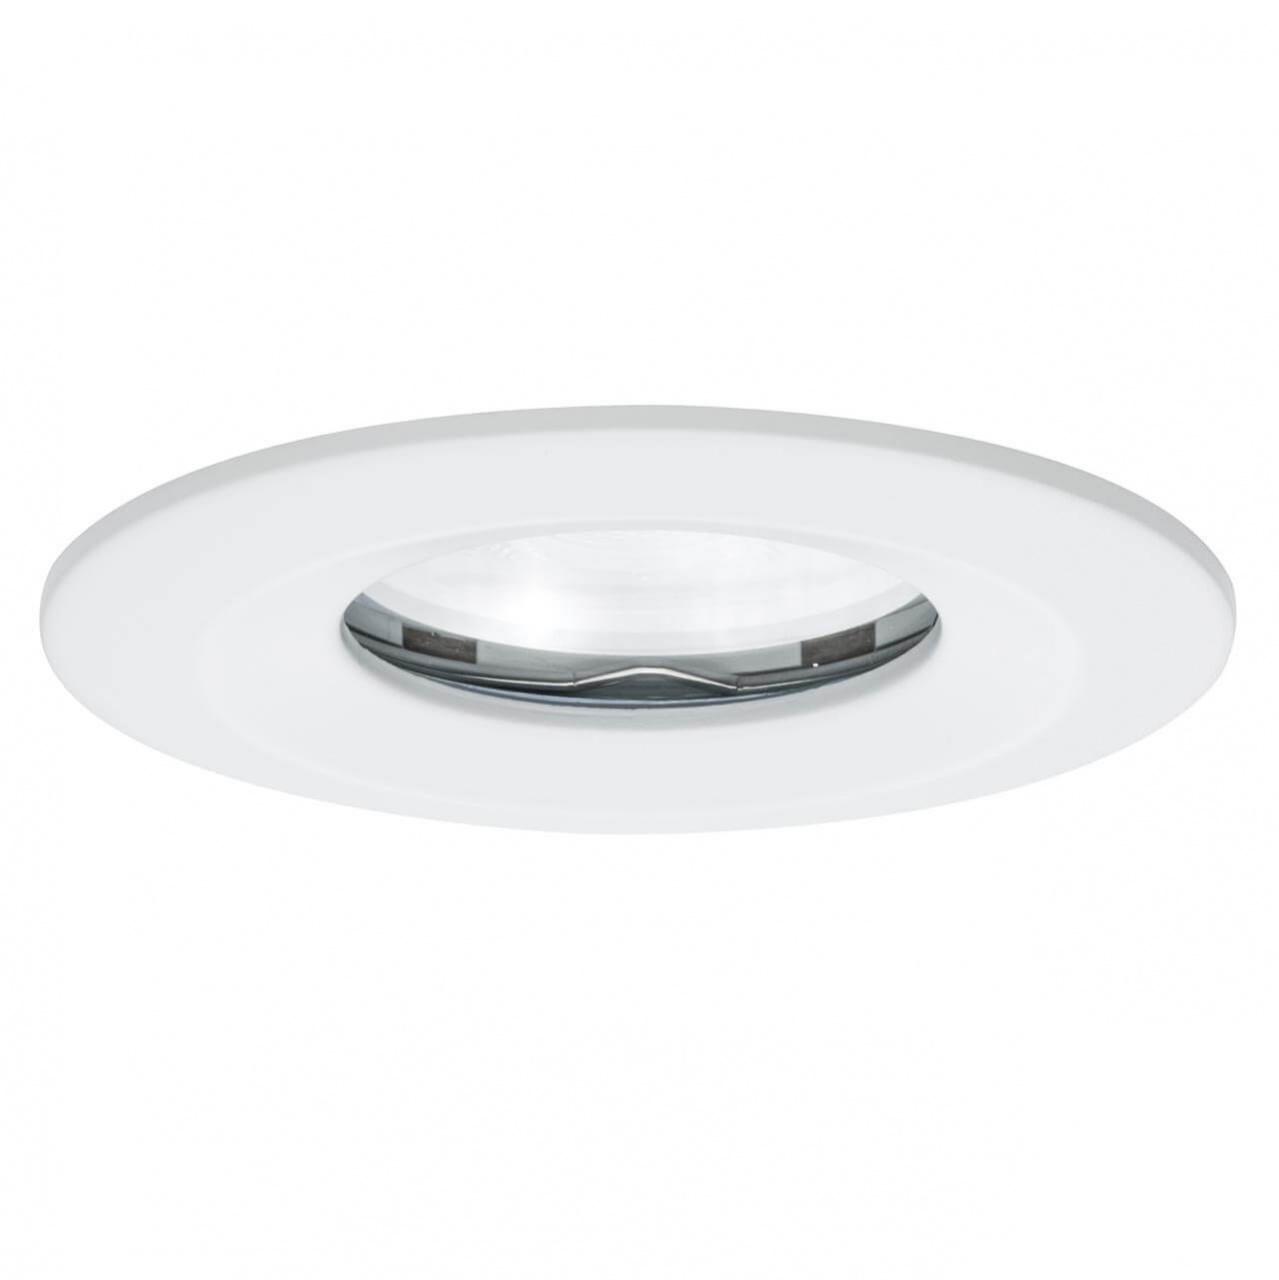 Встраиваемый светодиодный светильник Paulmann Nova 93625